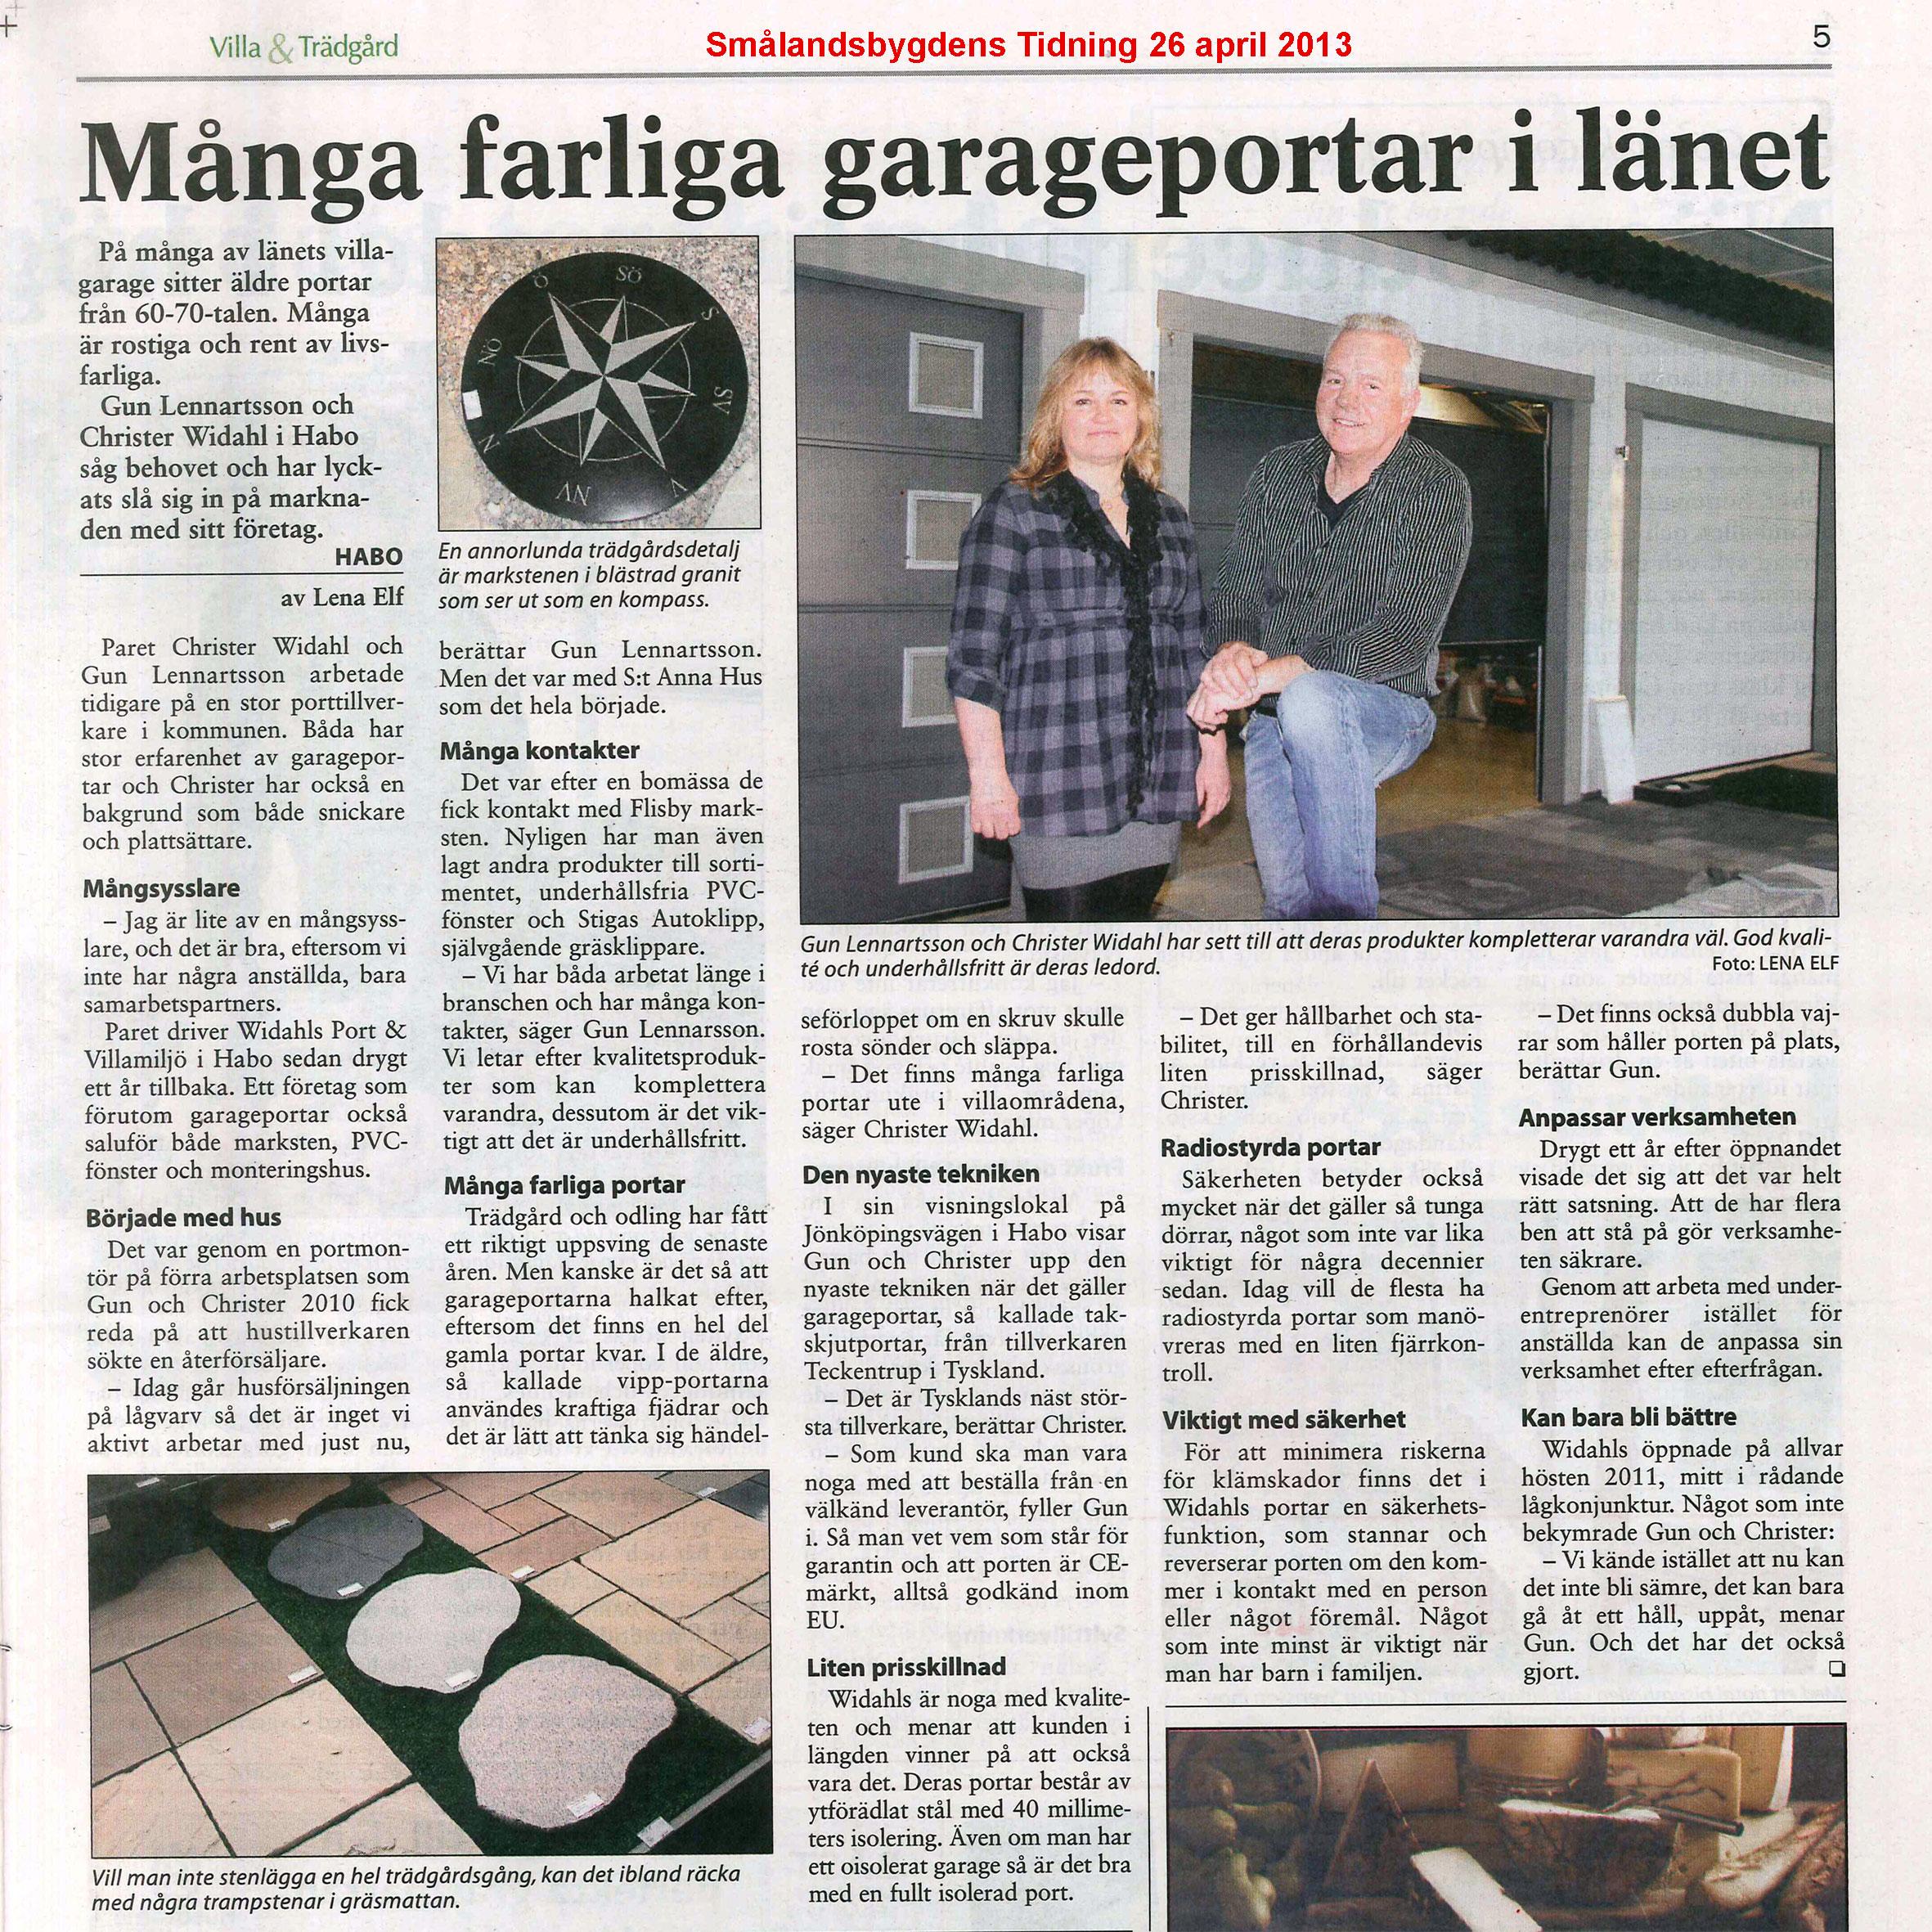 Många farliga garageportar